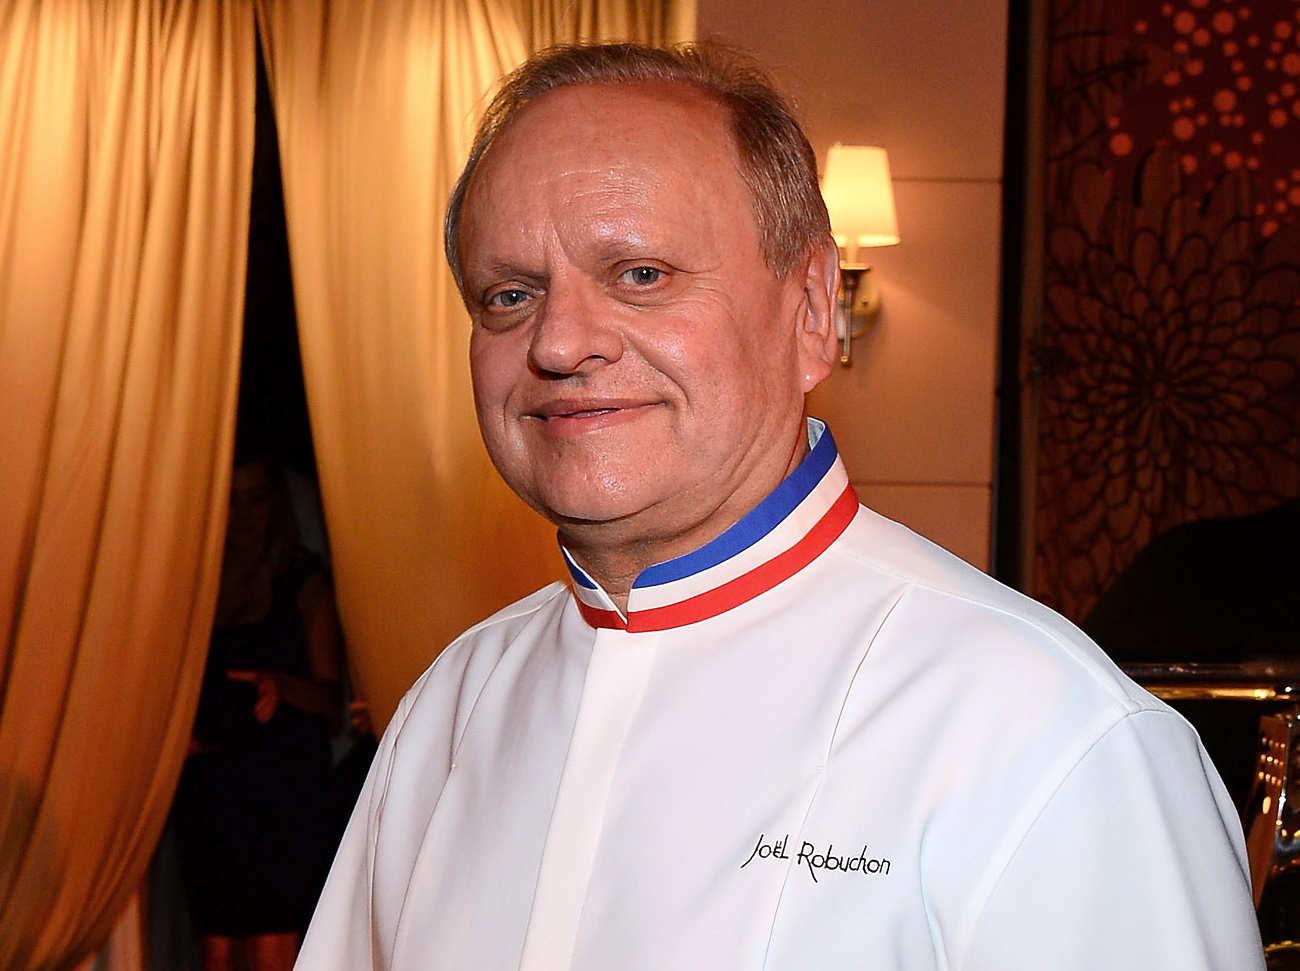 Le Cafe De Joel Robuchon Michelin